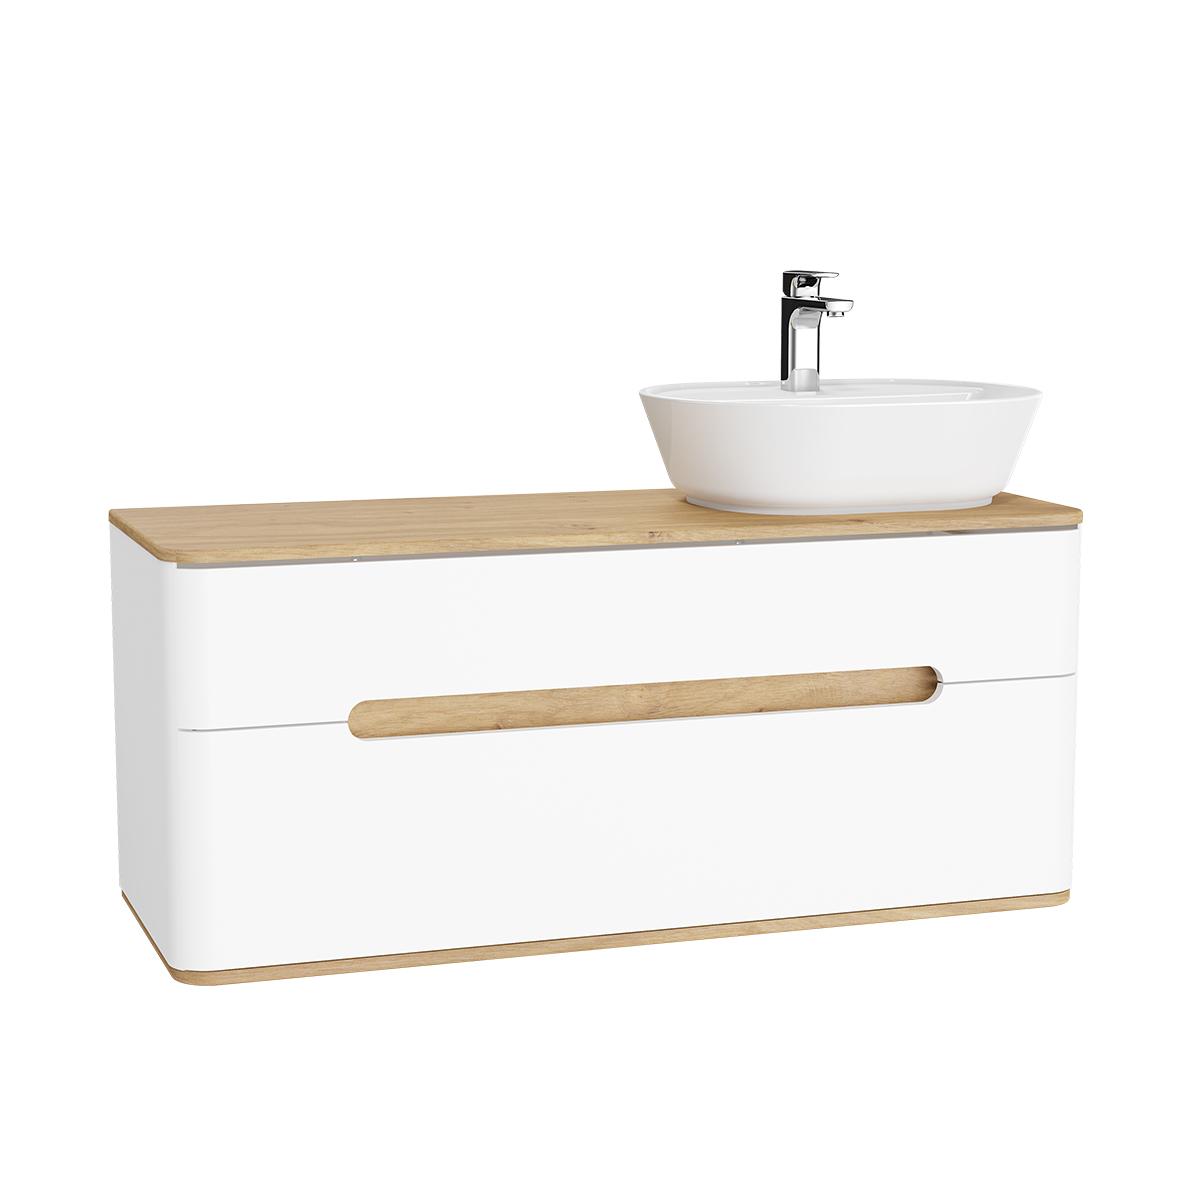 Sento Waschtischunterschrank, 122 cm, für Aufsatzwaschtische, mit 2 Vollauszügen, Waschtisch-Ausschnitt rechts, Weiß Matt